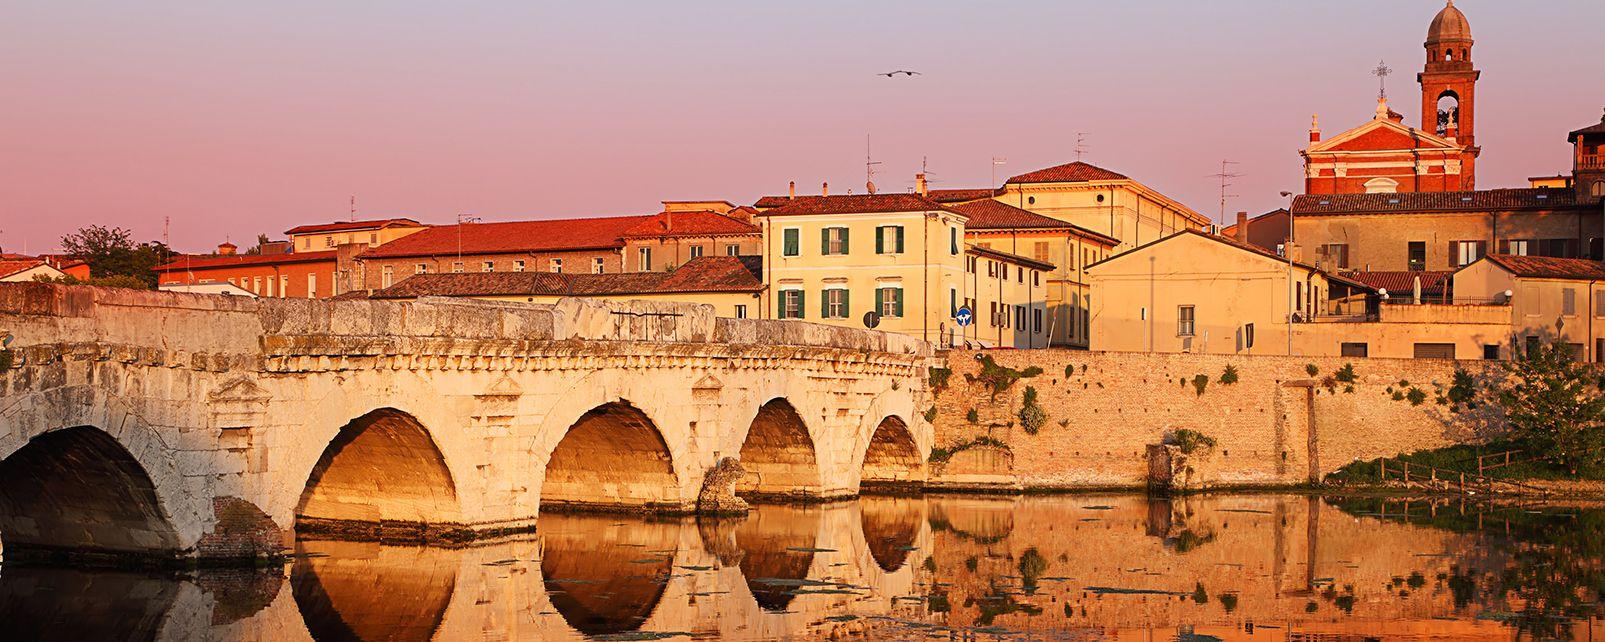 Rimini, Emilia-Romaña, Italia